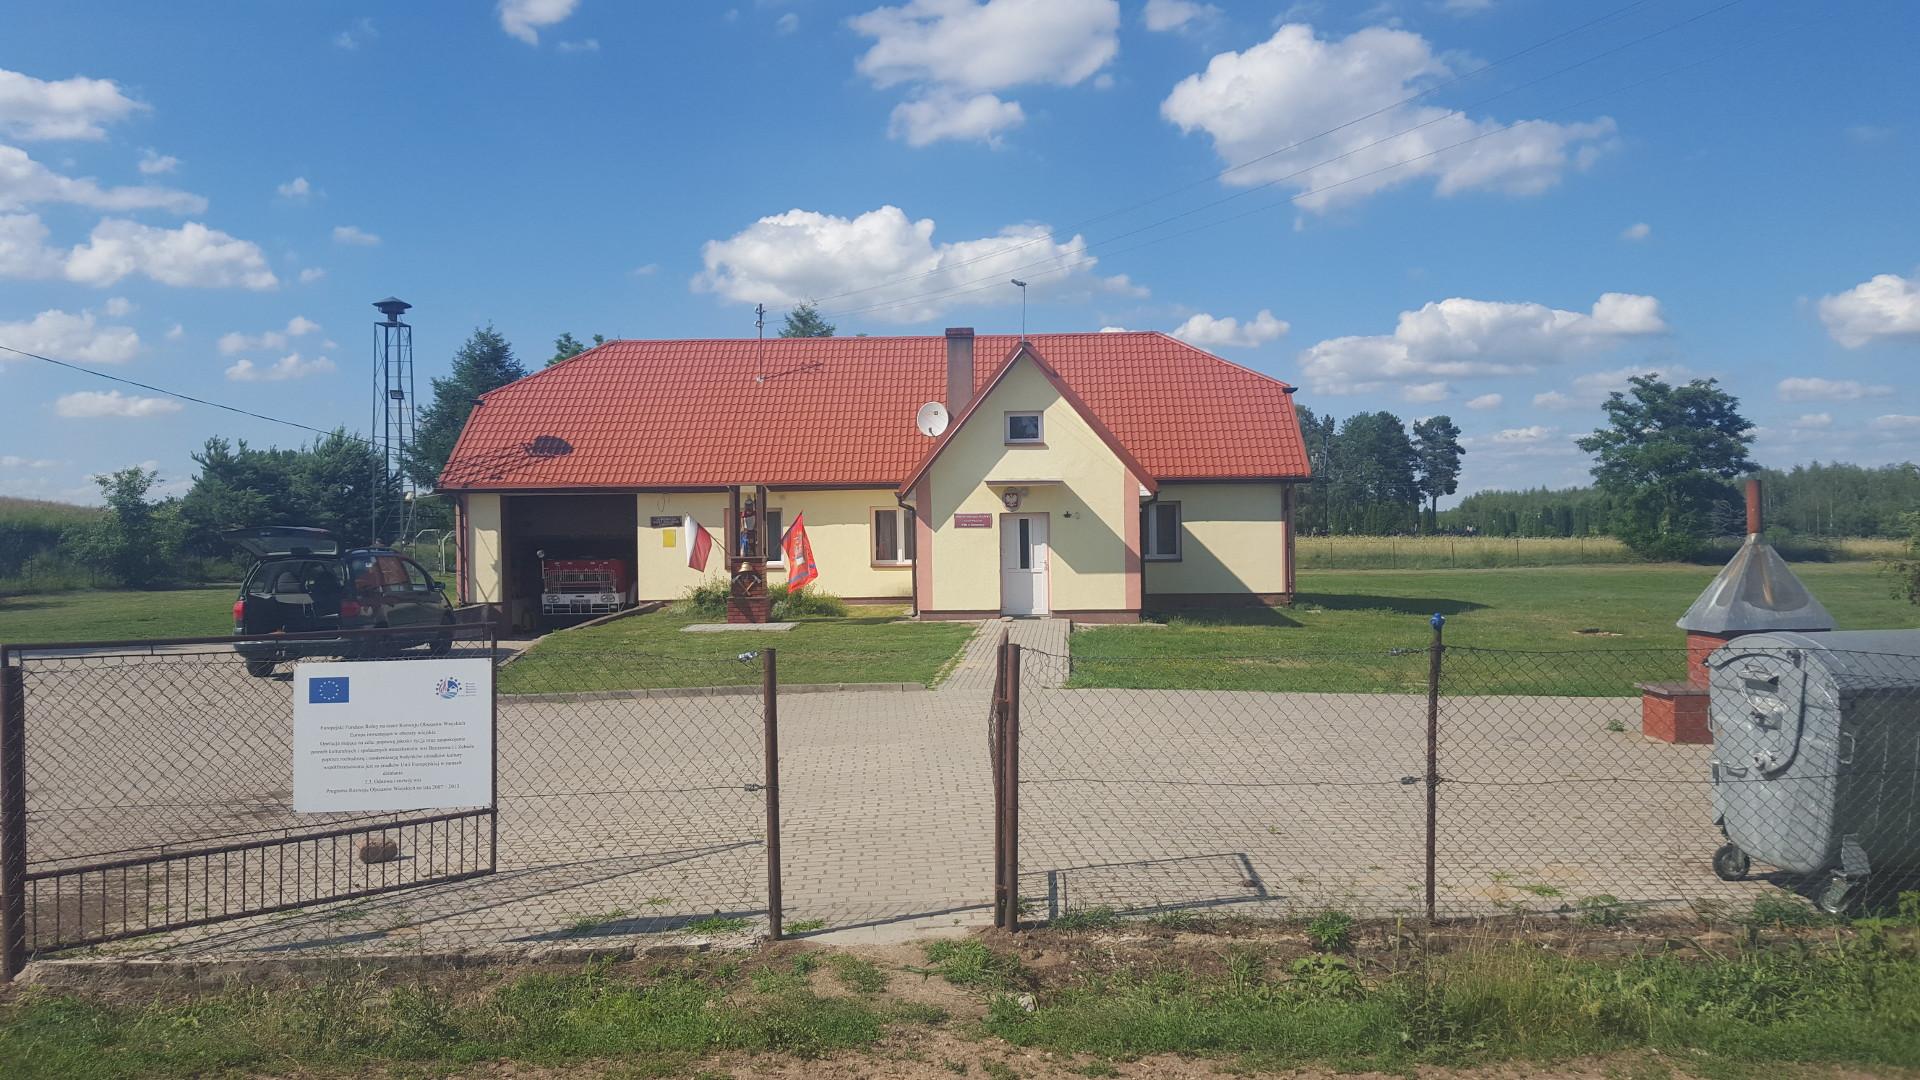 Remont i termomodernizacja budynku Ochotniczej Straży Pożarnej, oraz świetlicy wiejskiej we wsi Brzozowa - 1